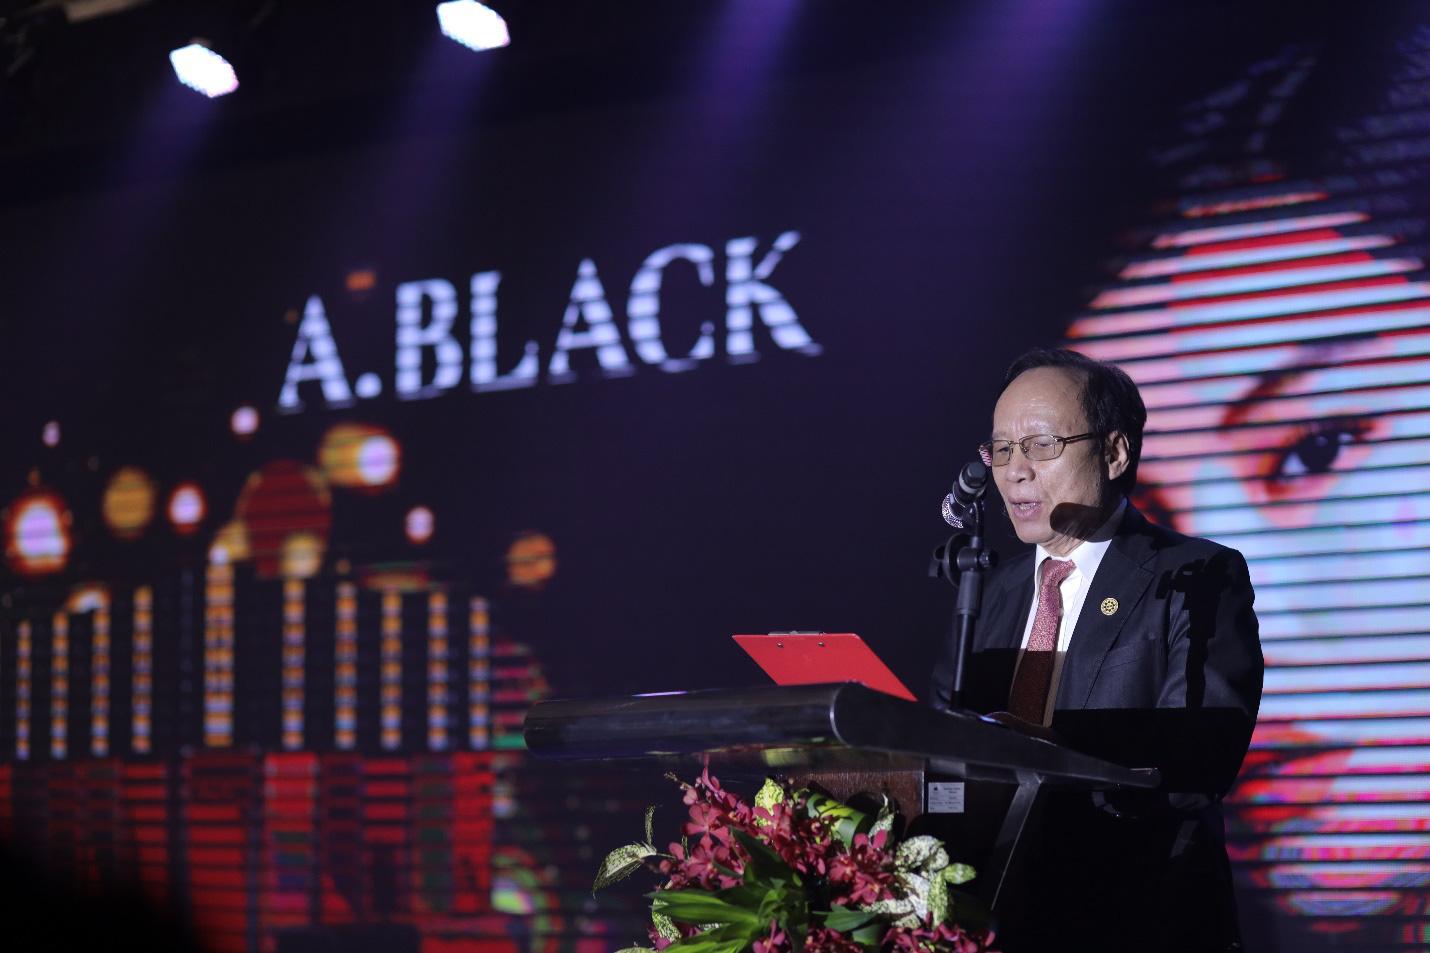 Lễ ra mắt thương hiệu nổi tiếng Hàn Quốc A.Black - Ảnh 6.